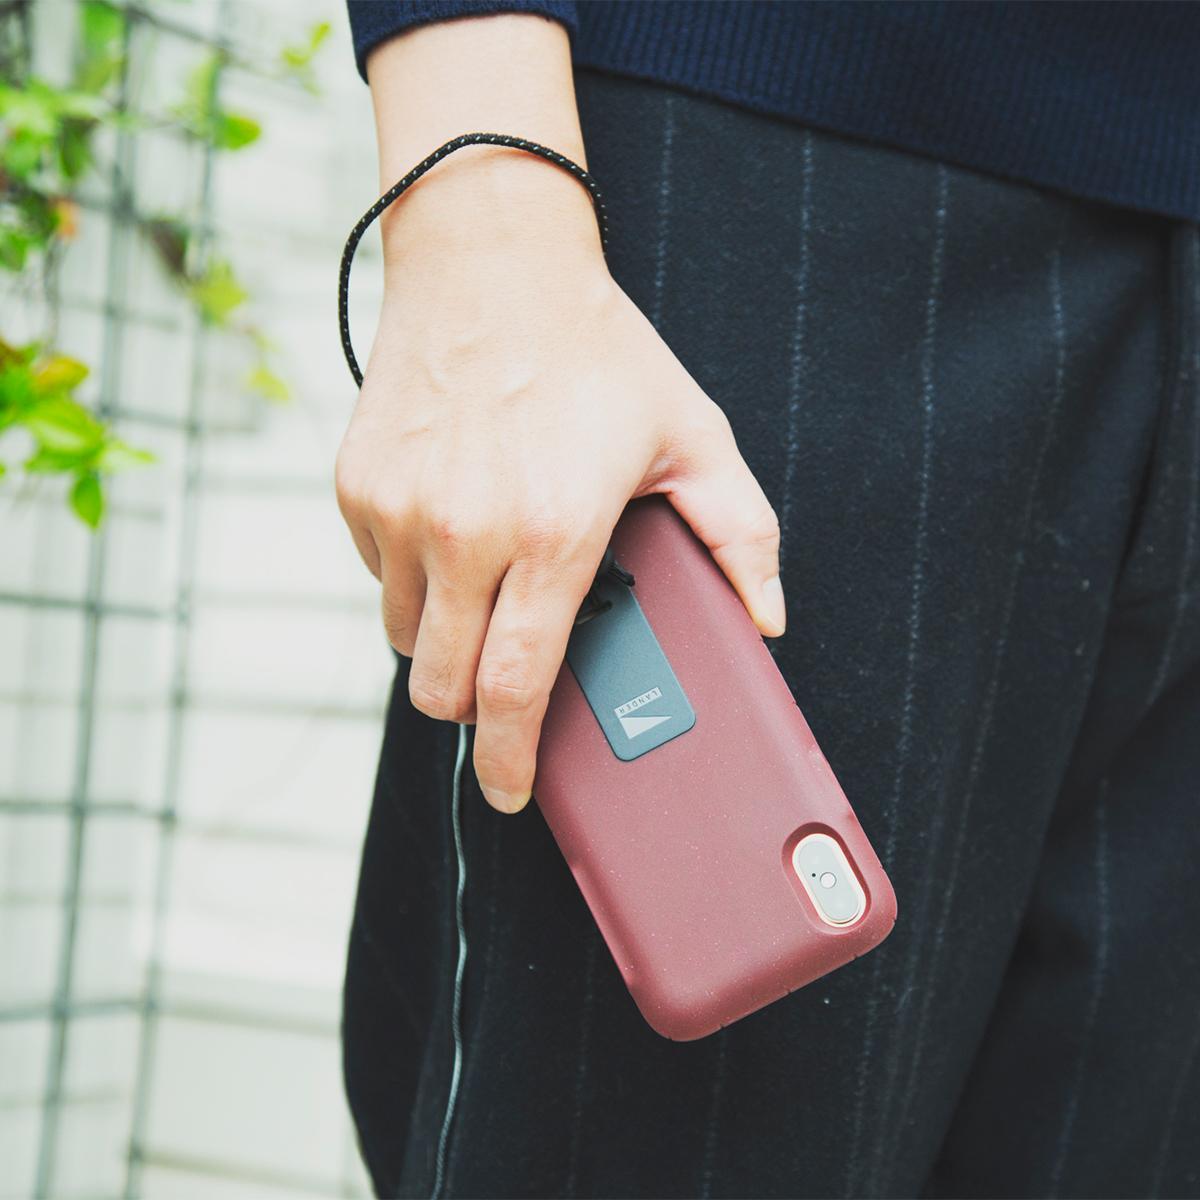 欲しい機能がスマートに凝縮されたLANDERのiPhoneケース。日常生活はもちろん、アウトドアレジャーやスポーツを満喫する休日も快適を実感できるスマホケース・カバー|LANDER MOAB CASE(ランダー)